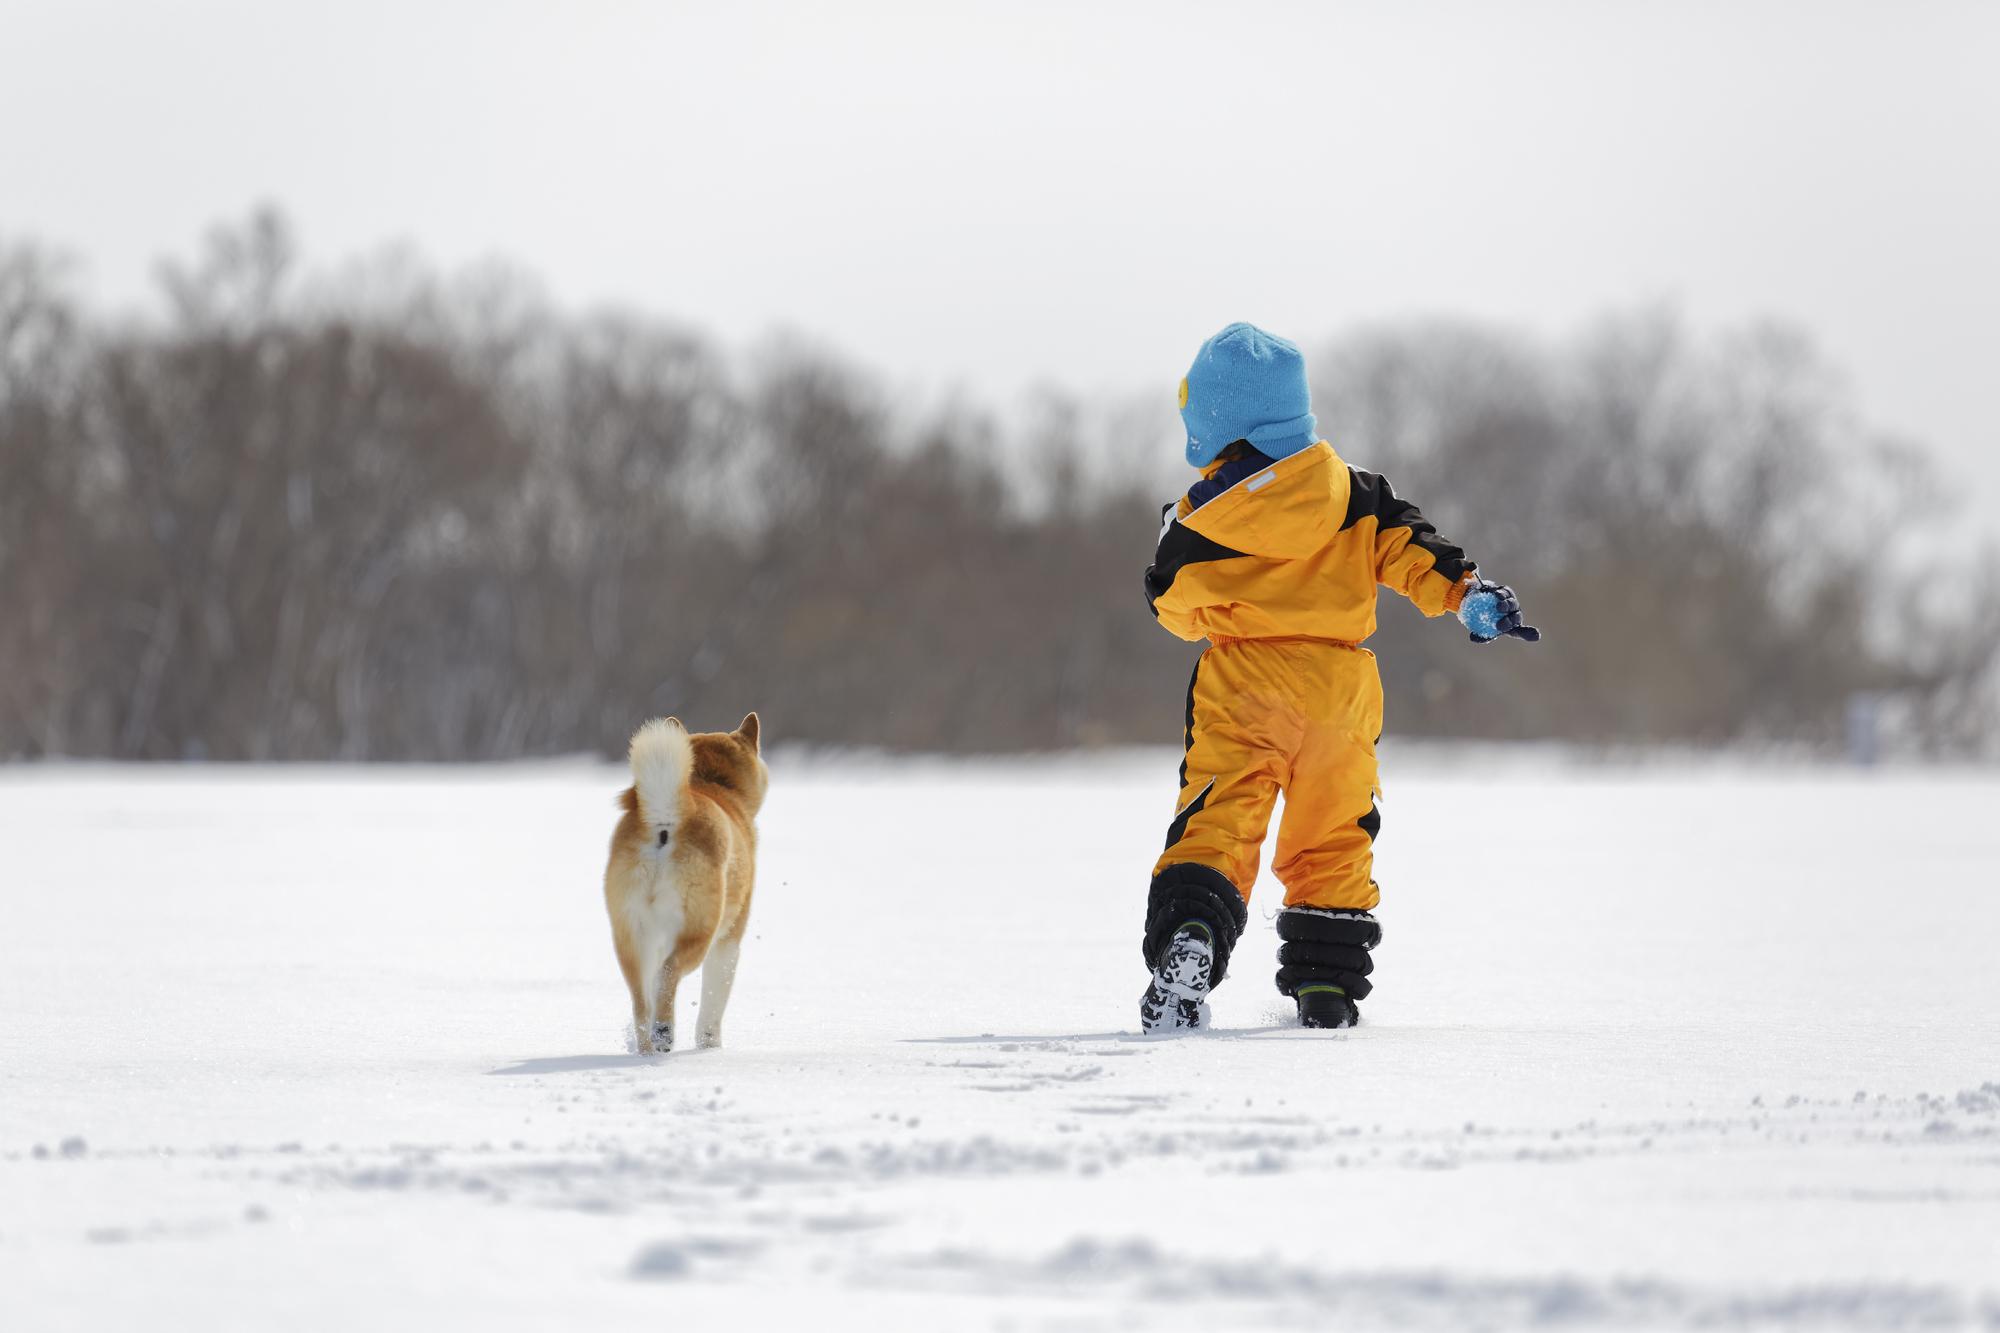 子どもの雪遊びファッション